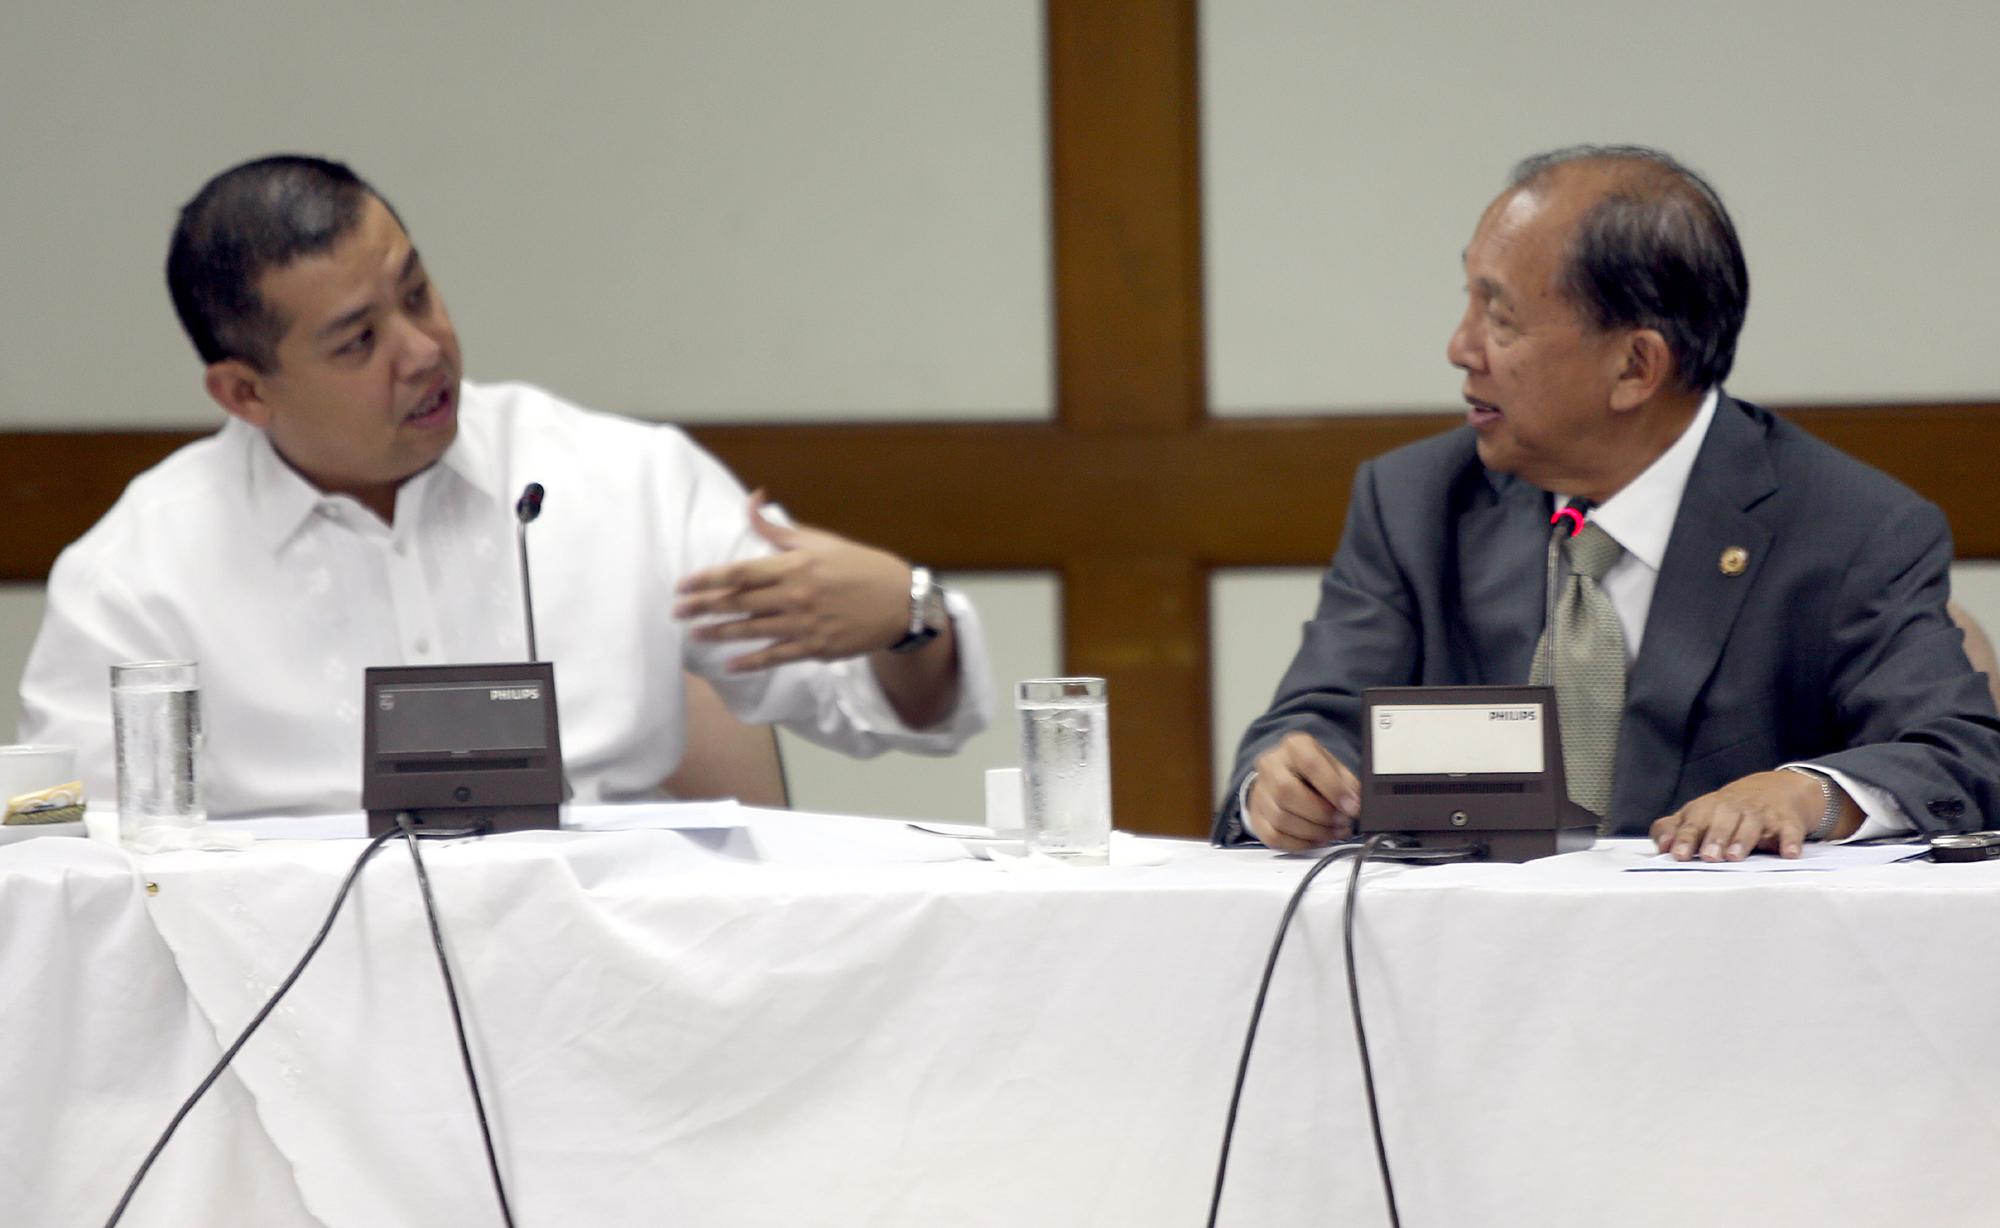 FM SUAREZ PRESSCON022